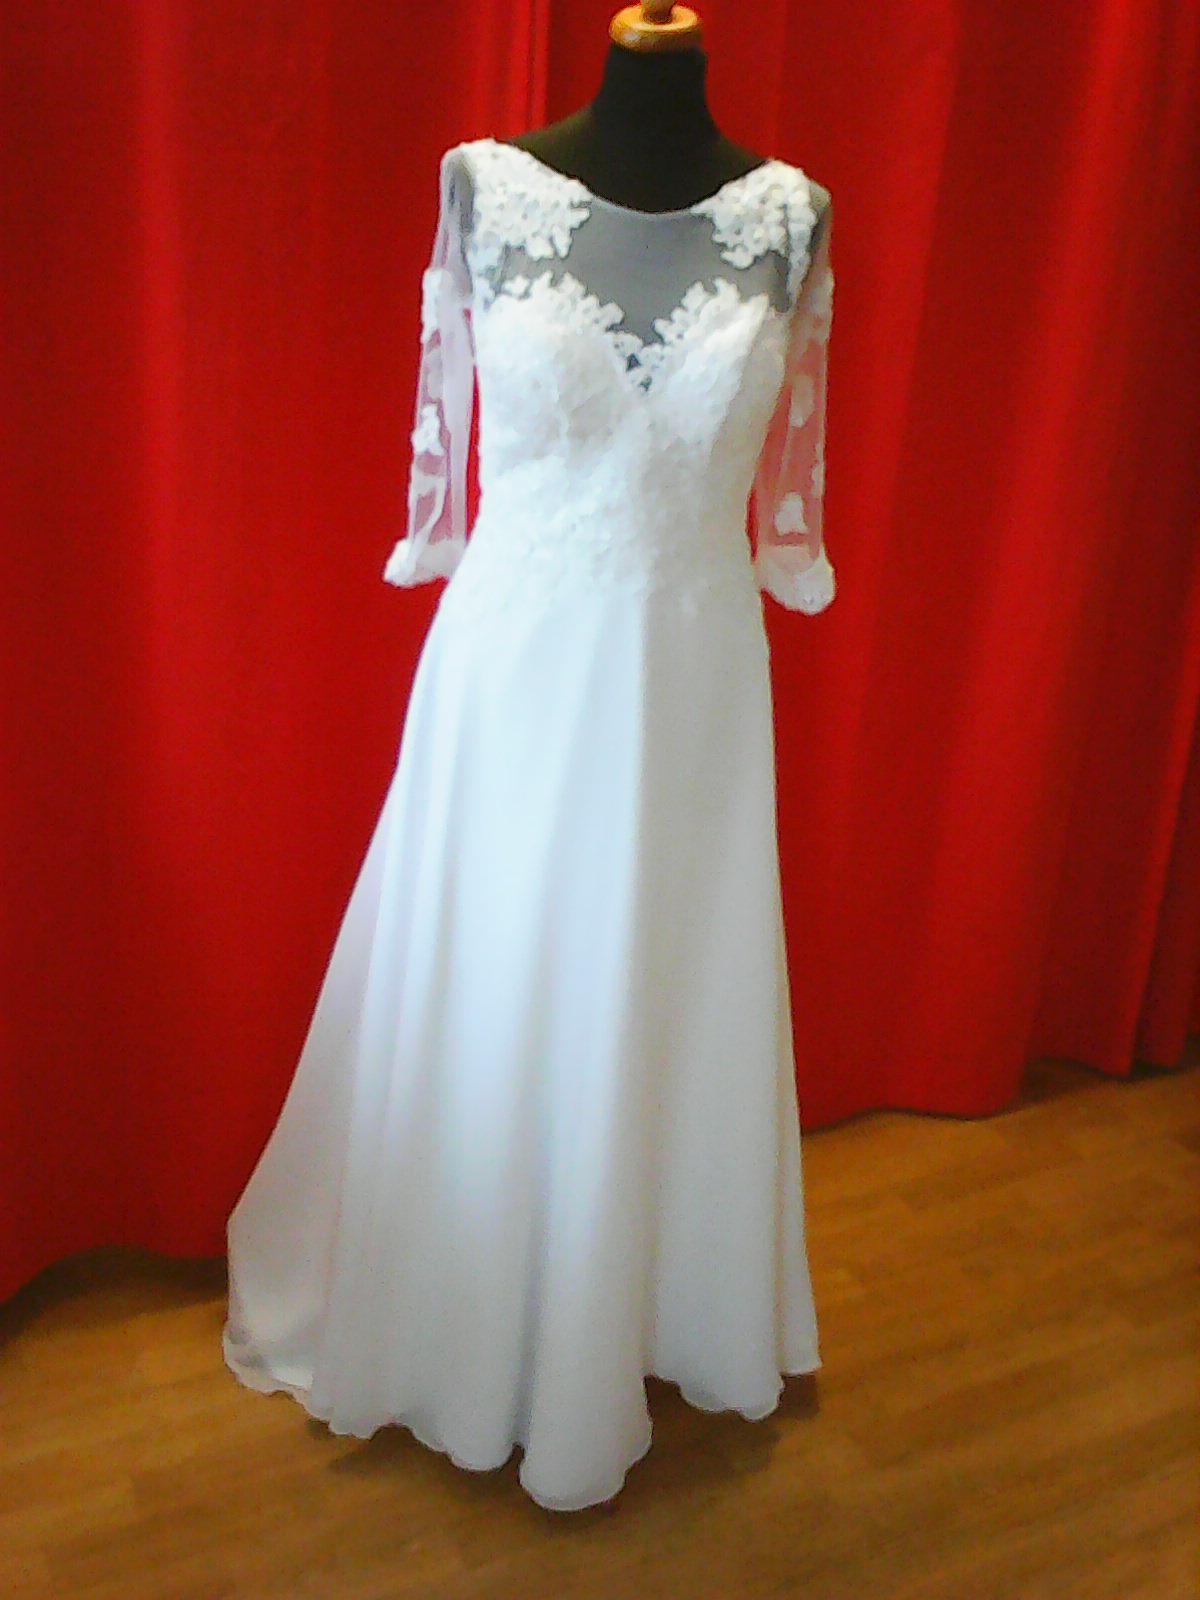 Malá ukázka šitých šatů v našem salonu - Obrázek č. 1